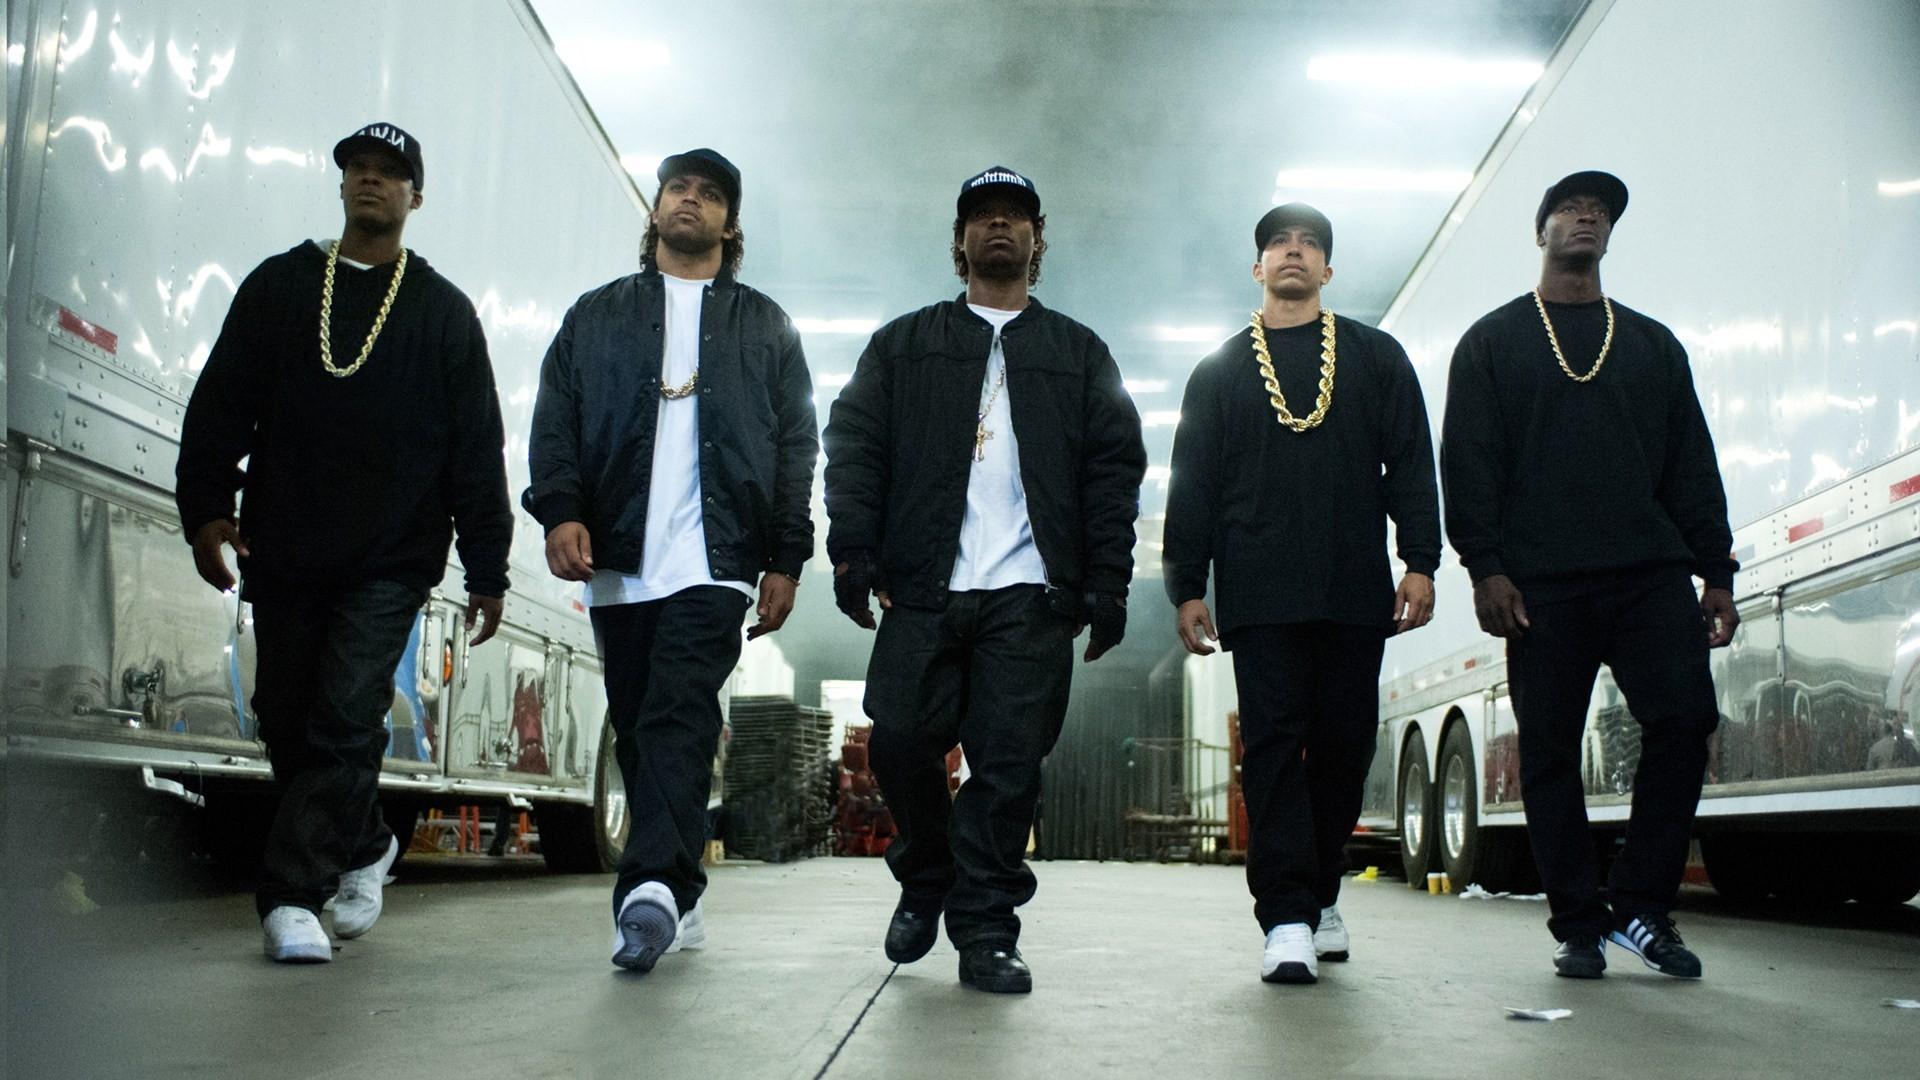 NWA staat met 'Straight Outta Compton' opnieuw op nummer één